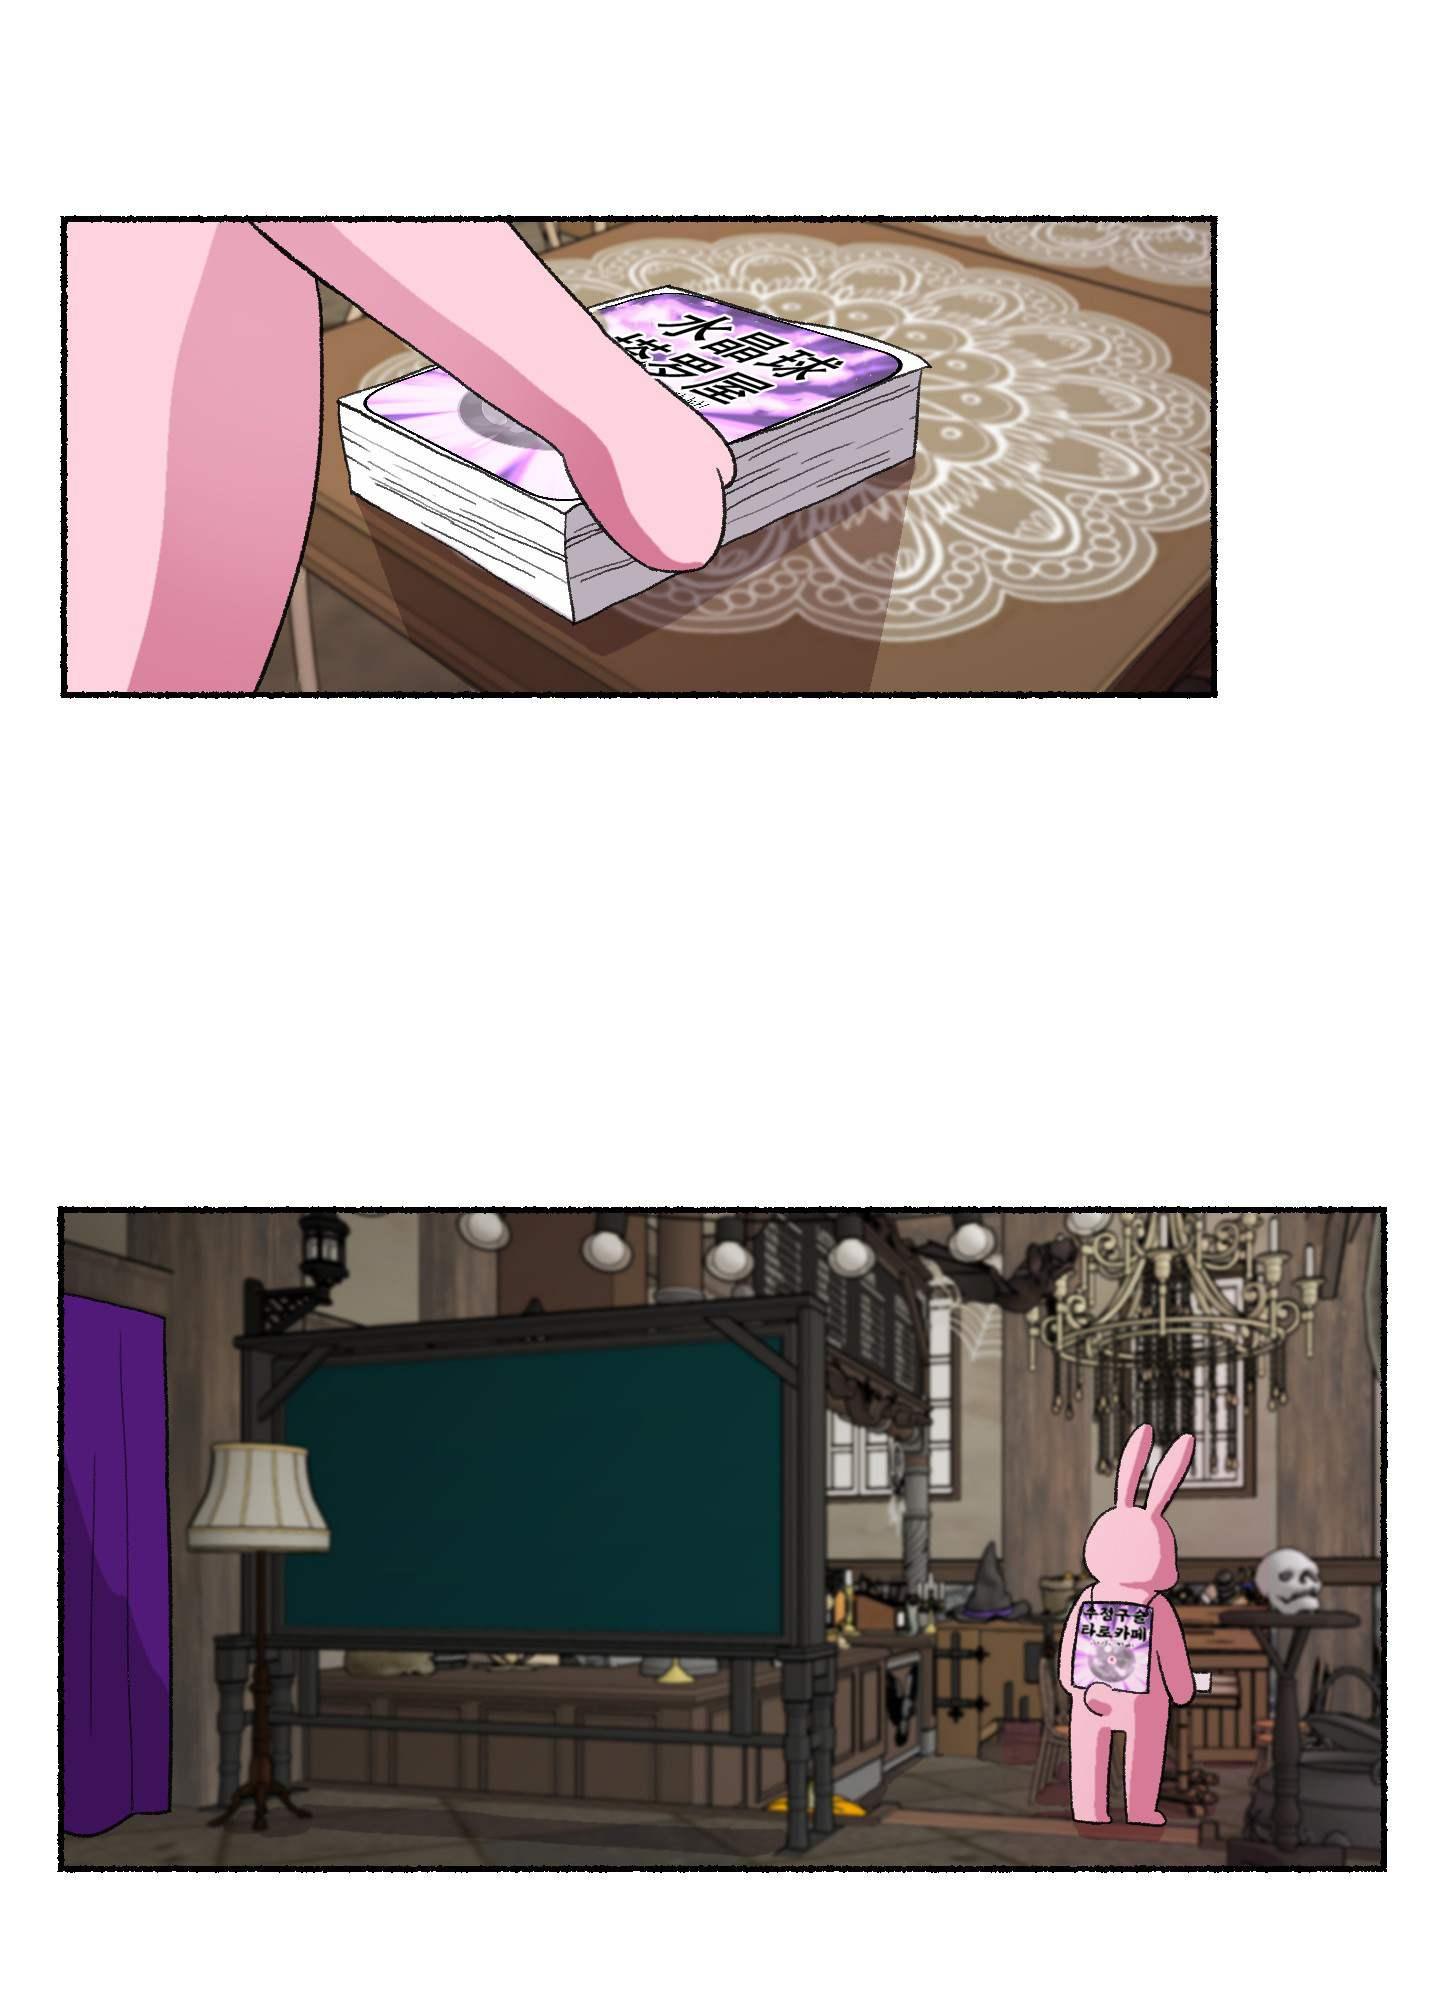 韩漫 |《狡猾的鲁鲁》  恶魔与人类,一饿就开do!  第3张